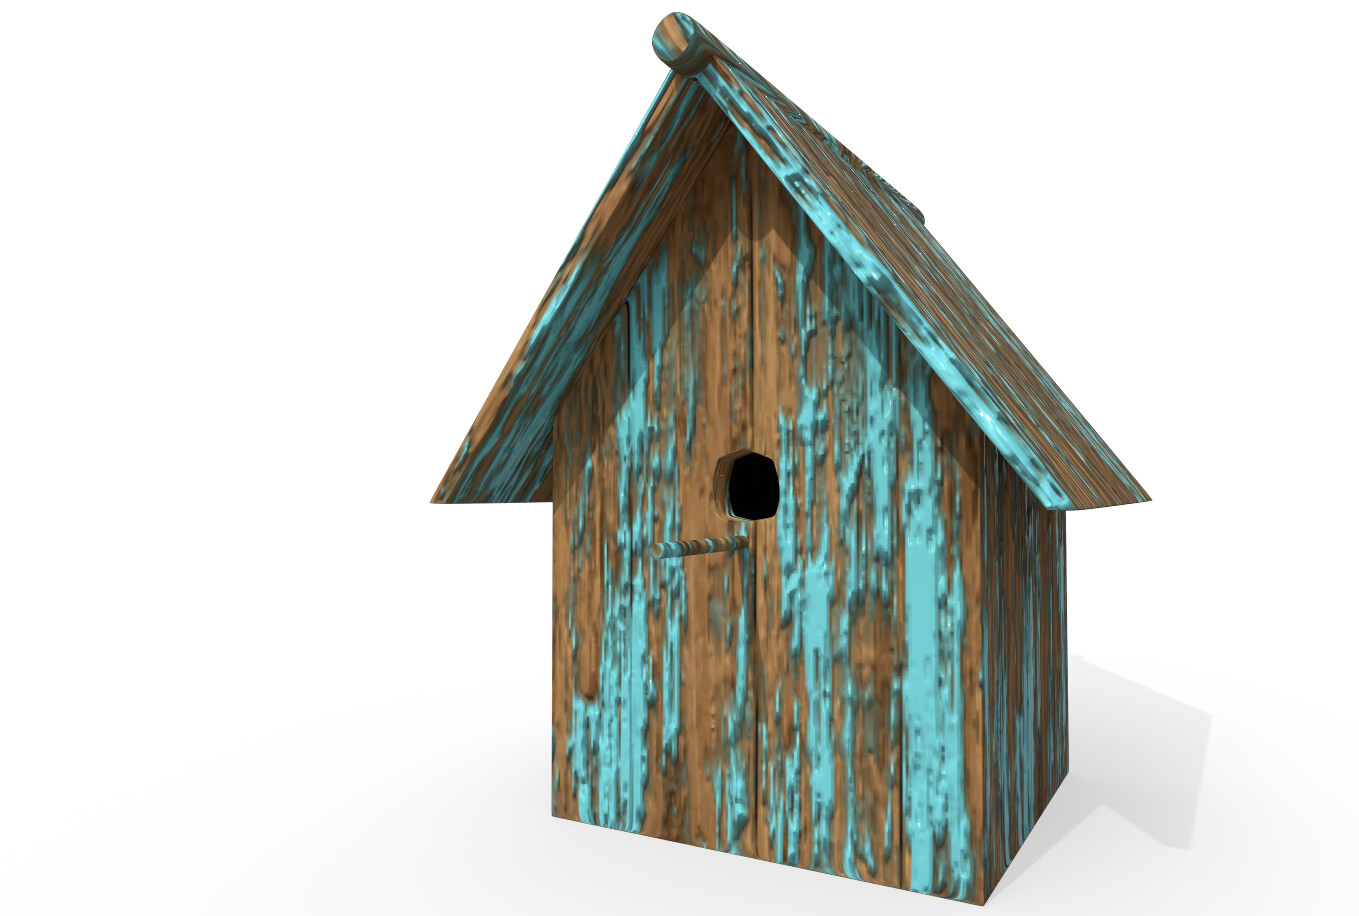 Joseph moniz birdhouse001c